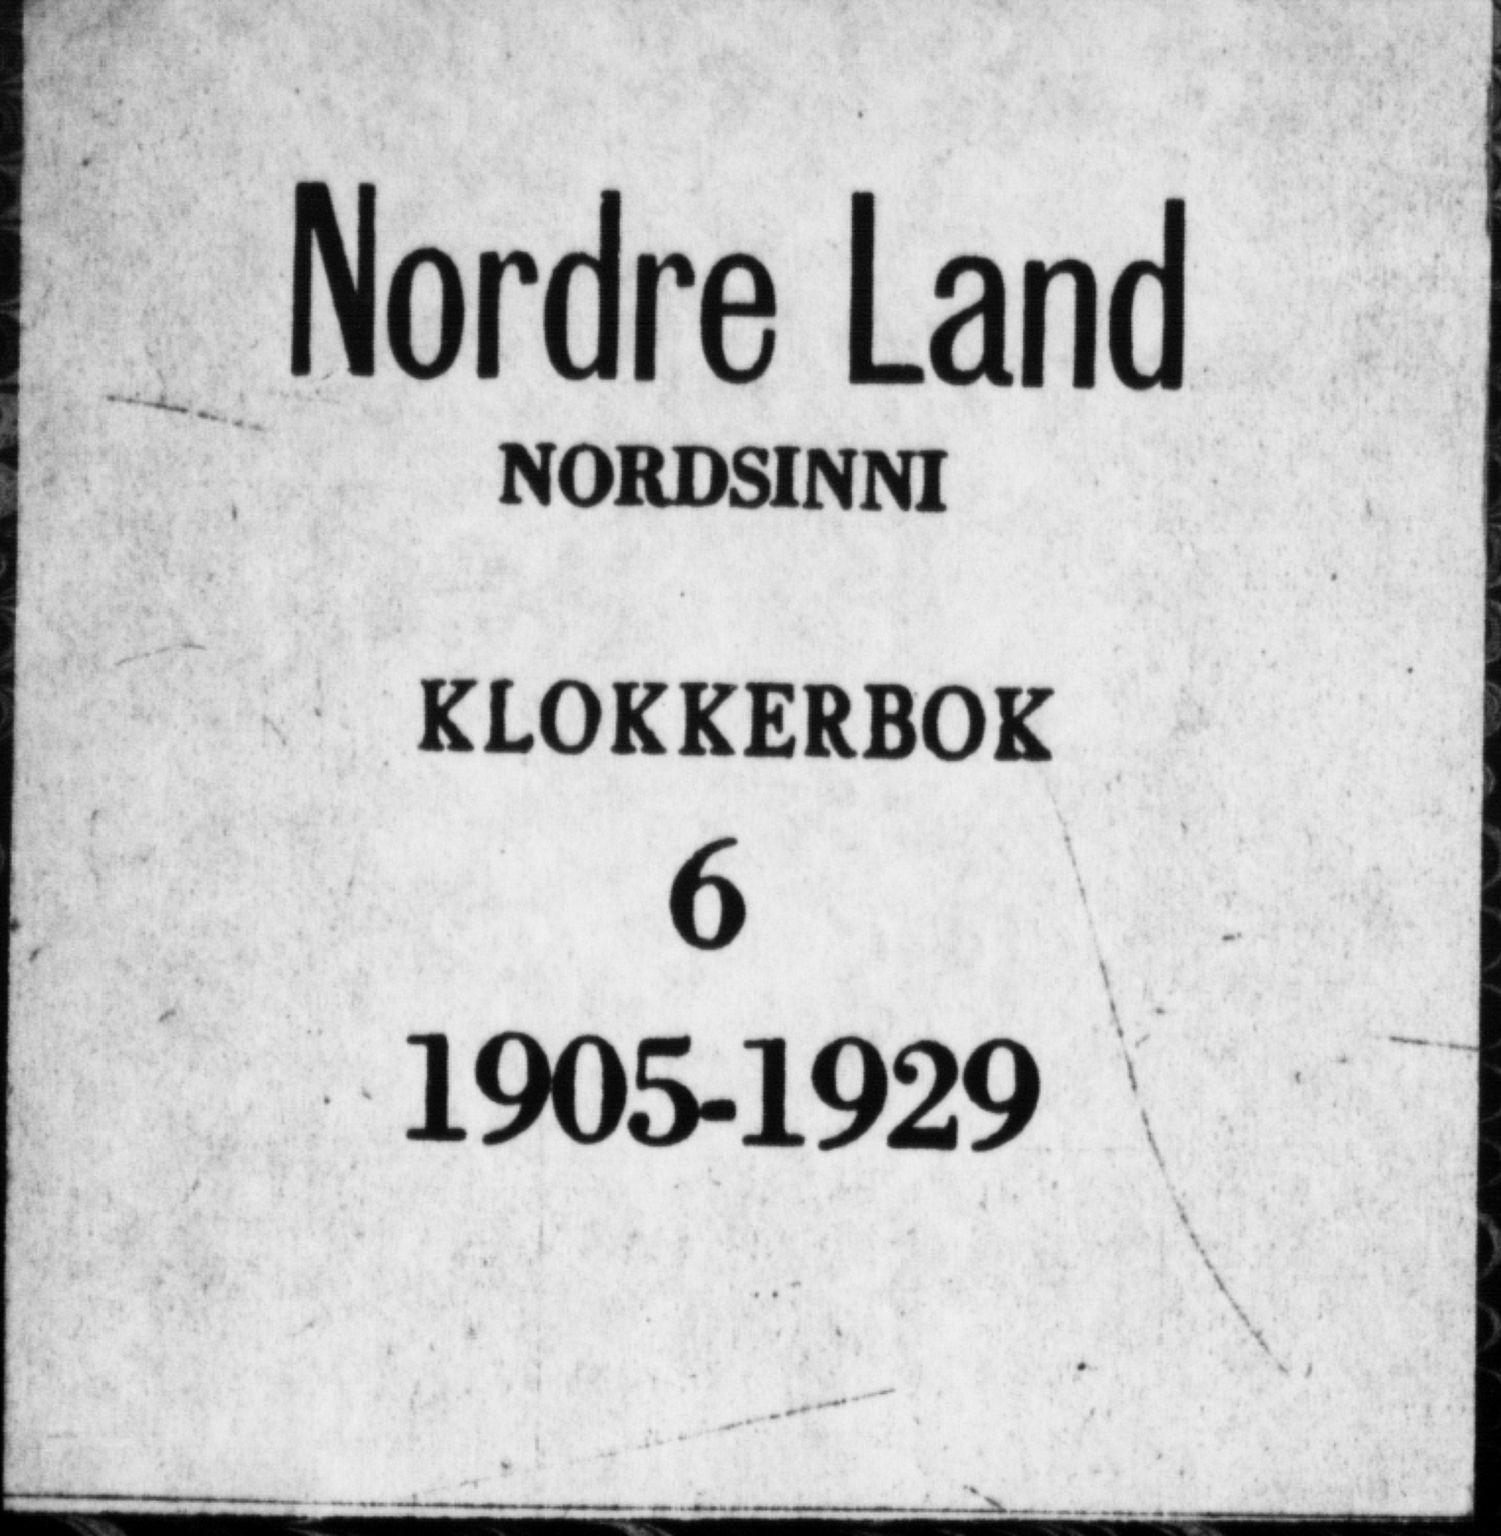 SAH, Nordre Land prestekontor, Klokkerbok nr. 6, 1905-1929